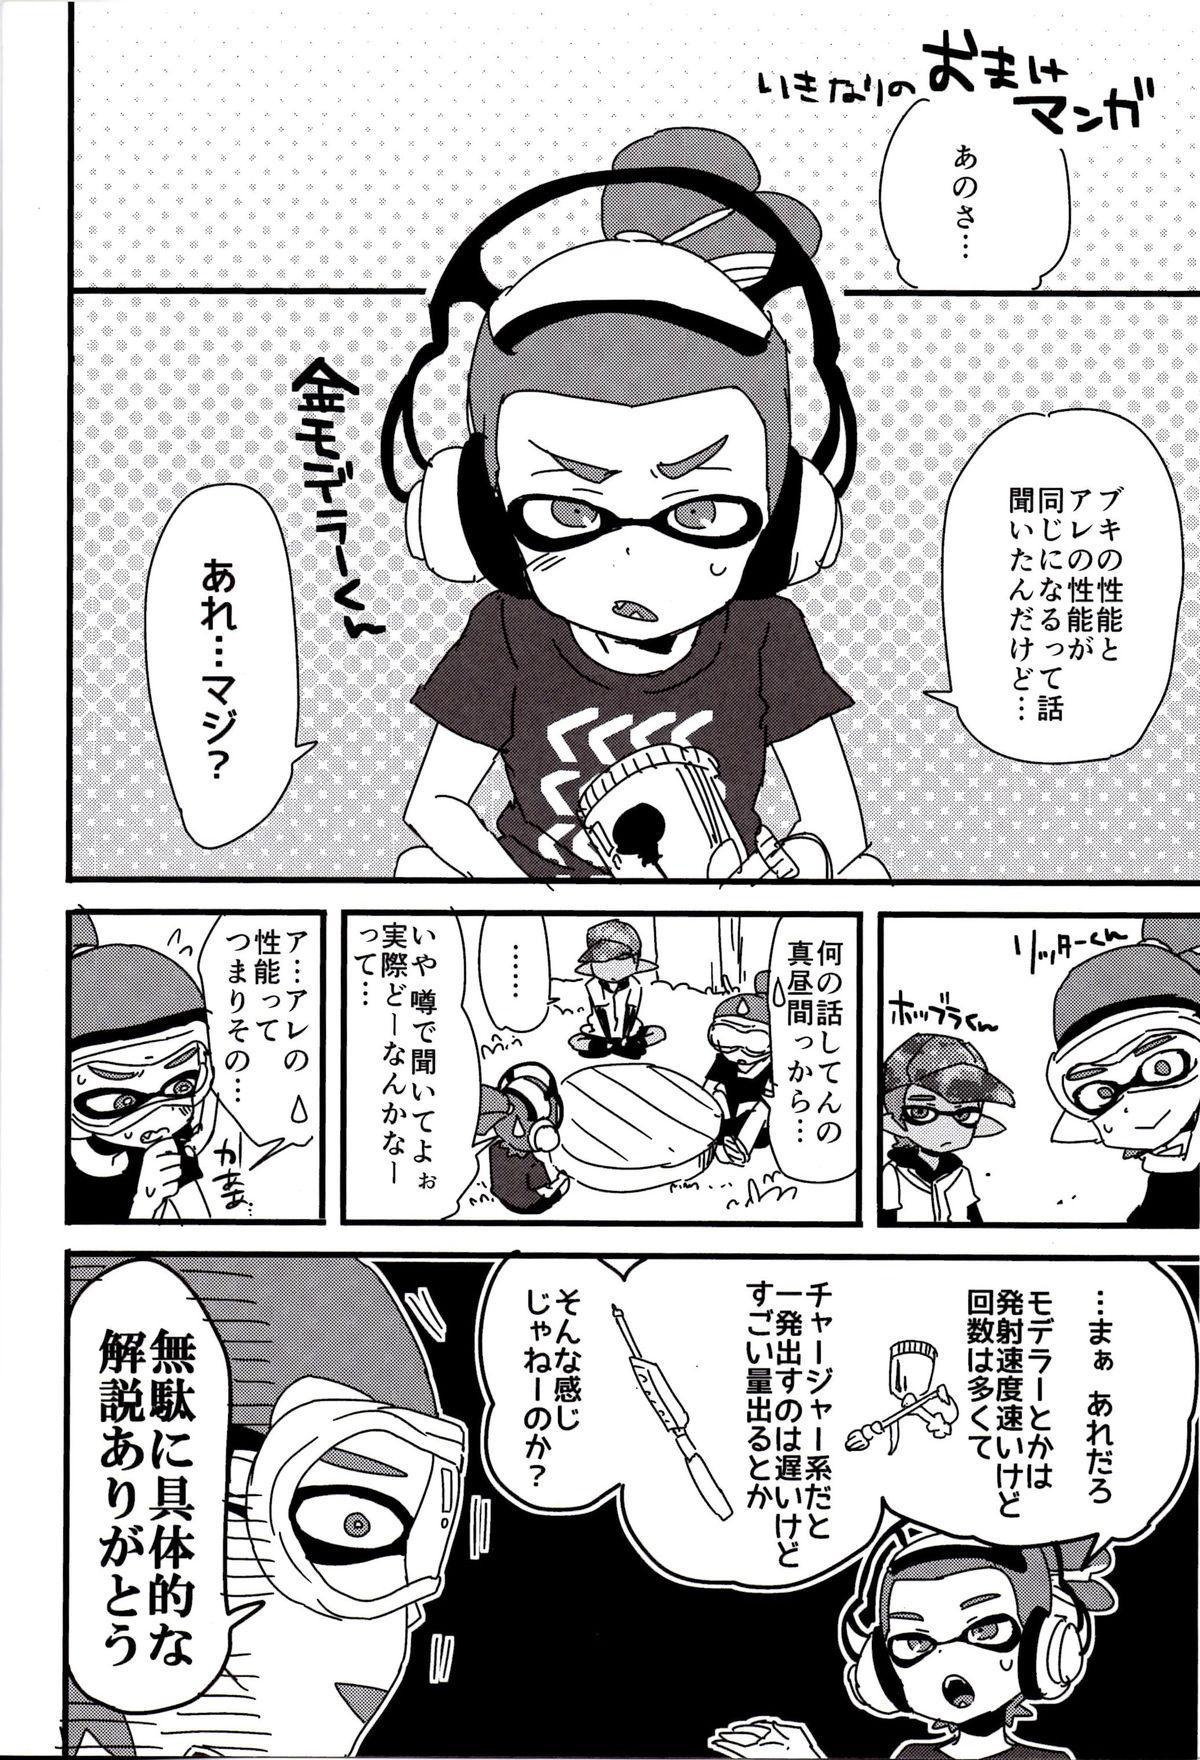 Buki no Seinou to Are no Seinou wa Onaji rashii 2